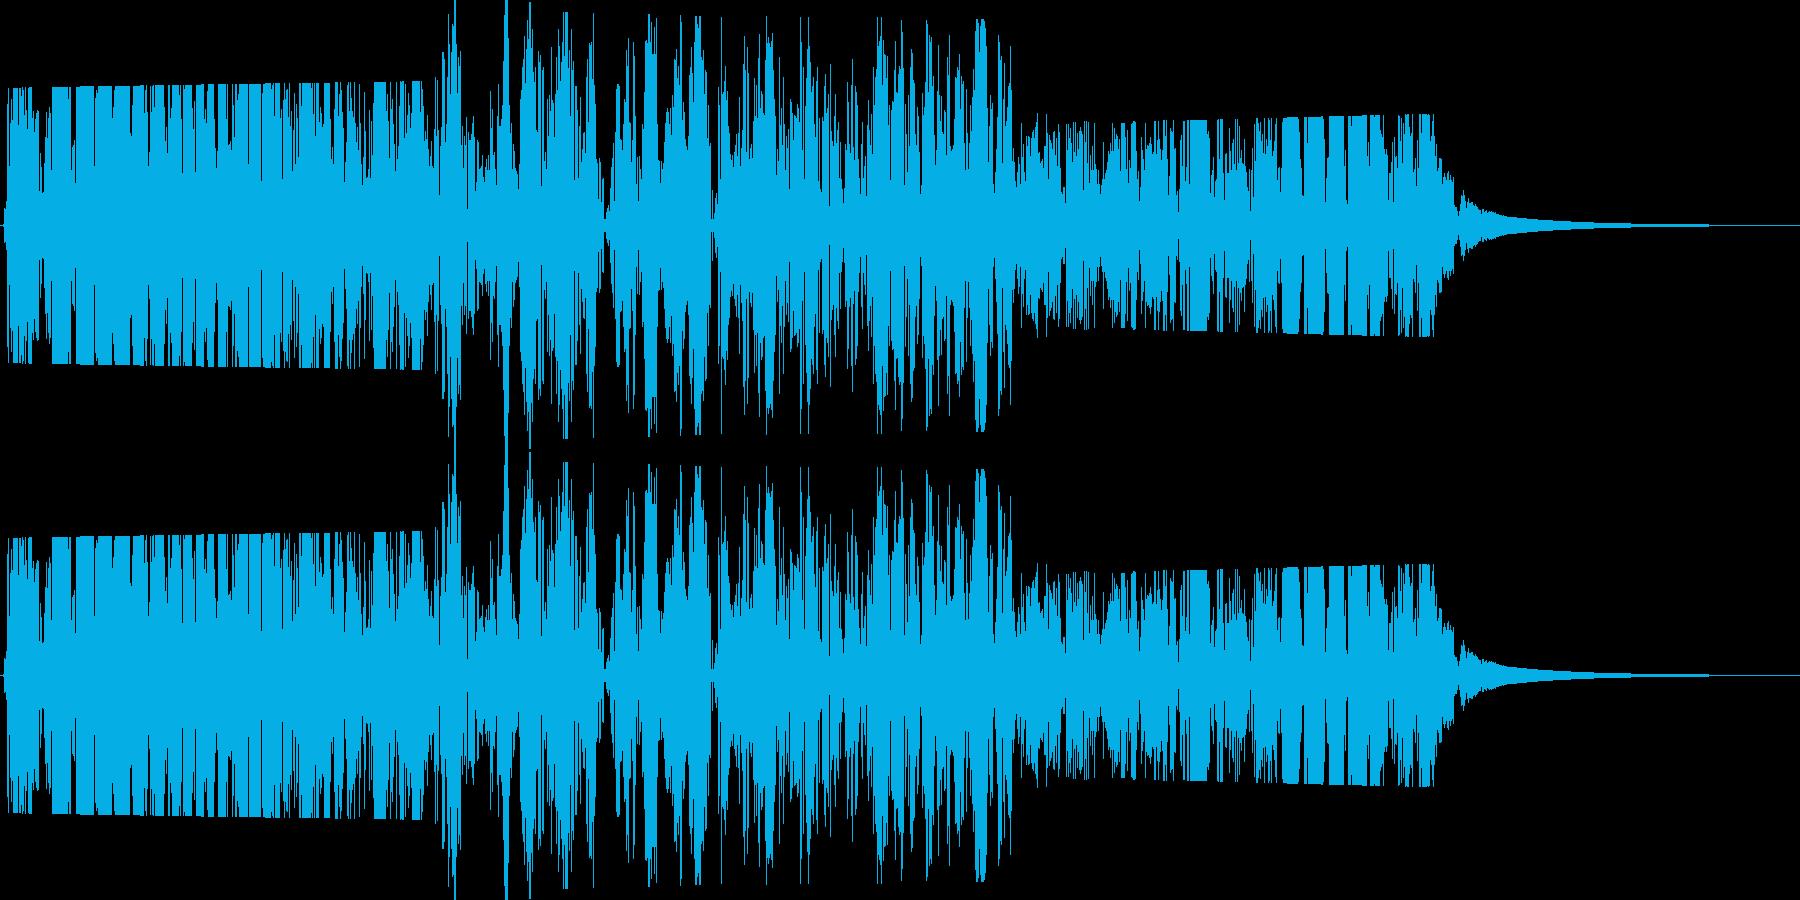 ズバッと斬る_04(刀・刺す・斬撃系)の再生済みの波形